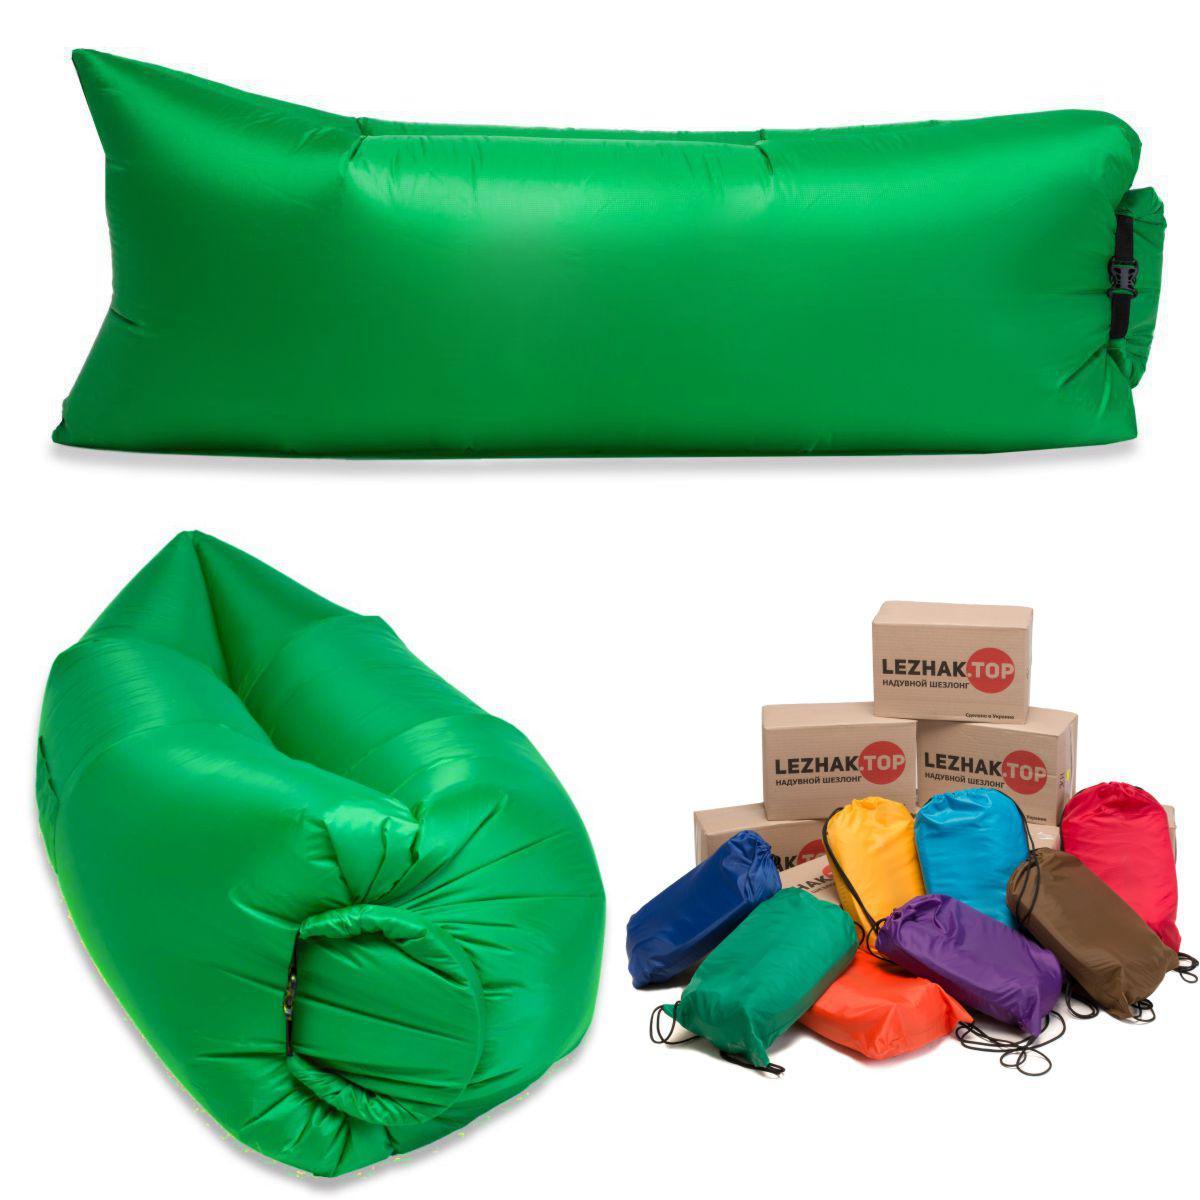 Ламзак - надувной шезлонг, диван, гамак. Пр-во Украина. Зеленый